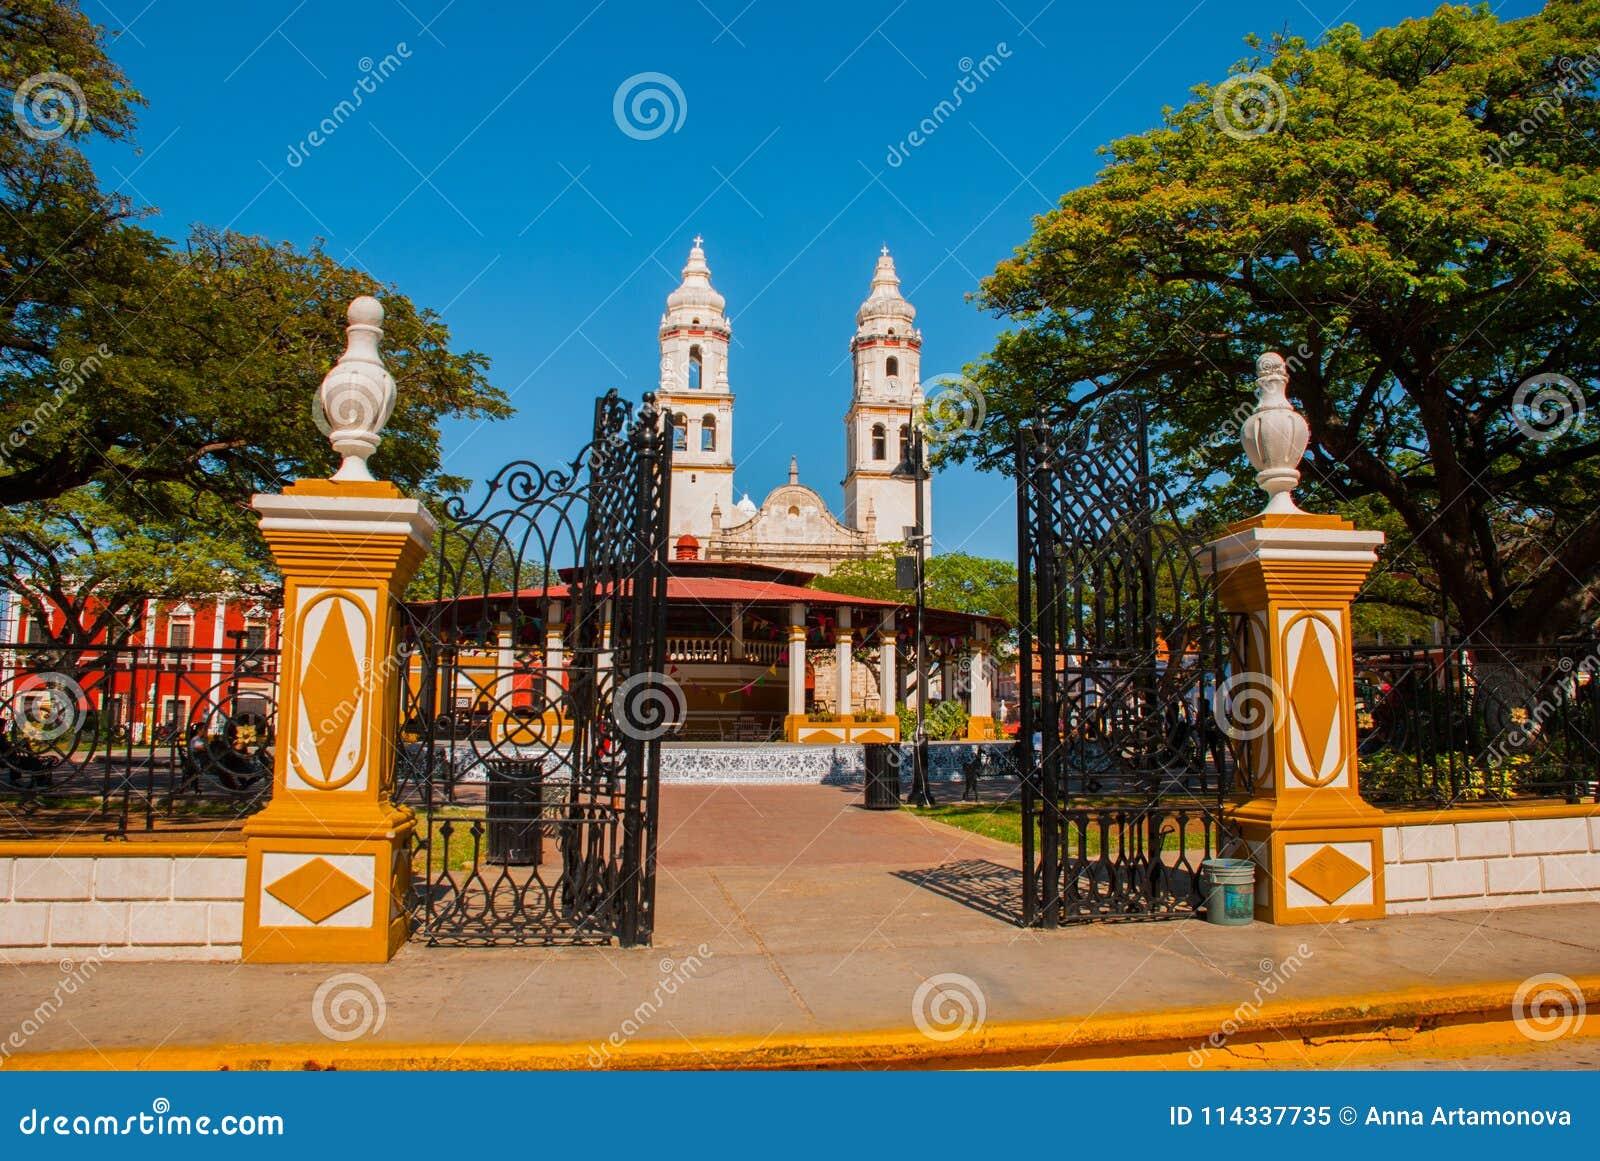 Καθεδρικός ναός, Campeche, Μεξικό: Plaza de Λα Independencia, Campeche, Μεξικό ` s παλαιά πόλη του Σαν Φρανσίσκο de Campeche